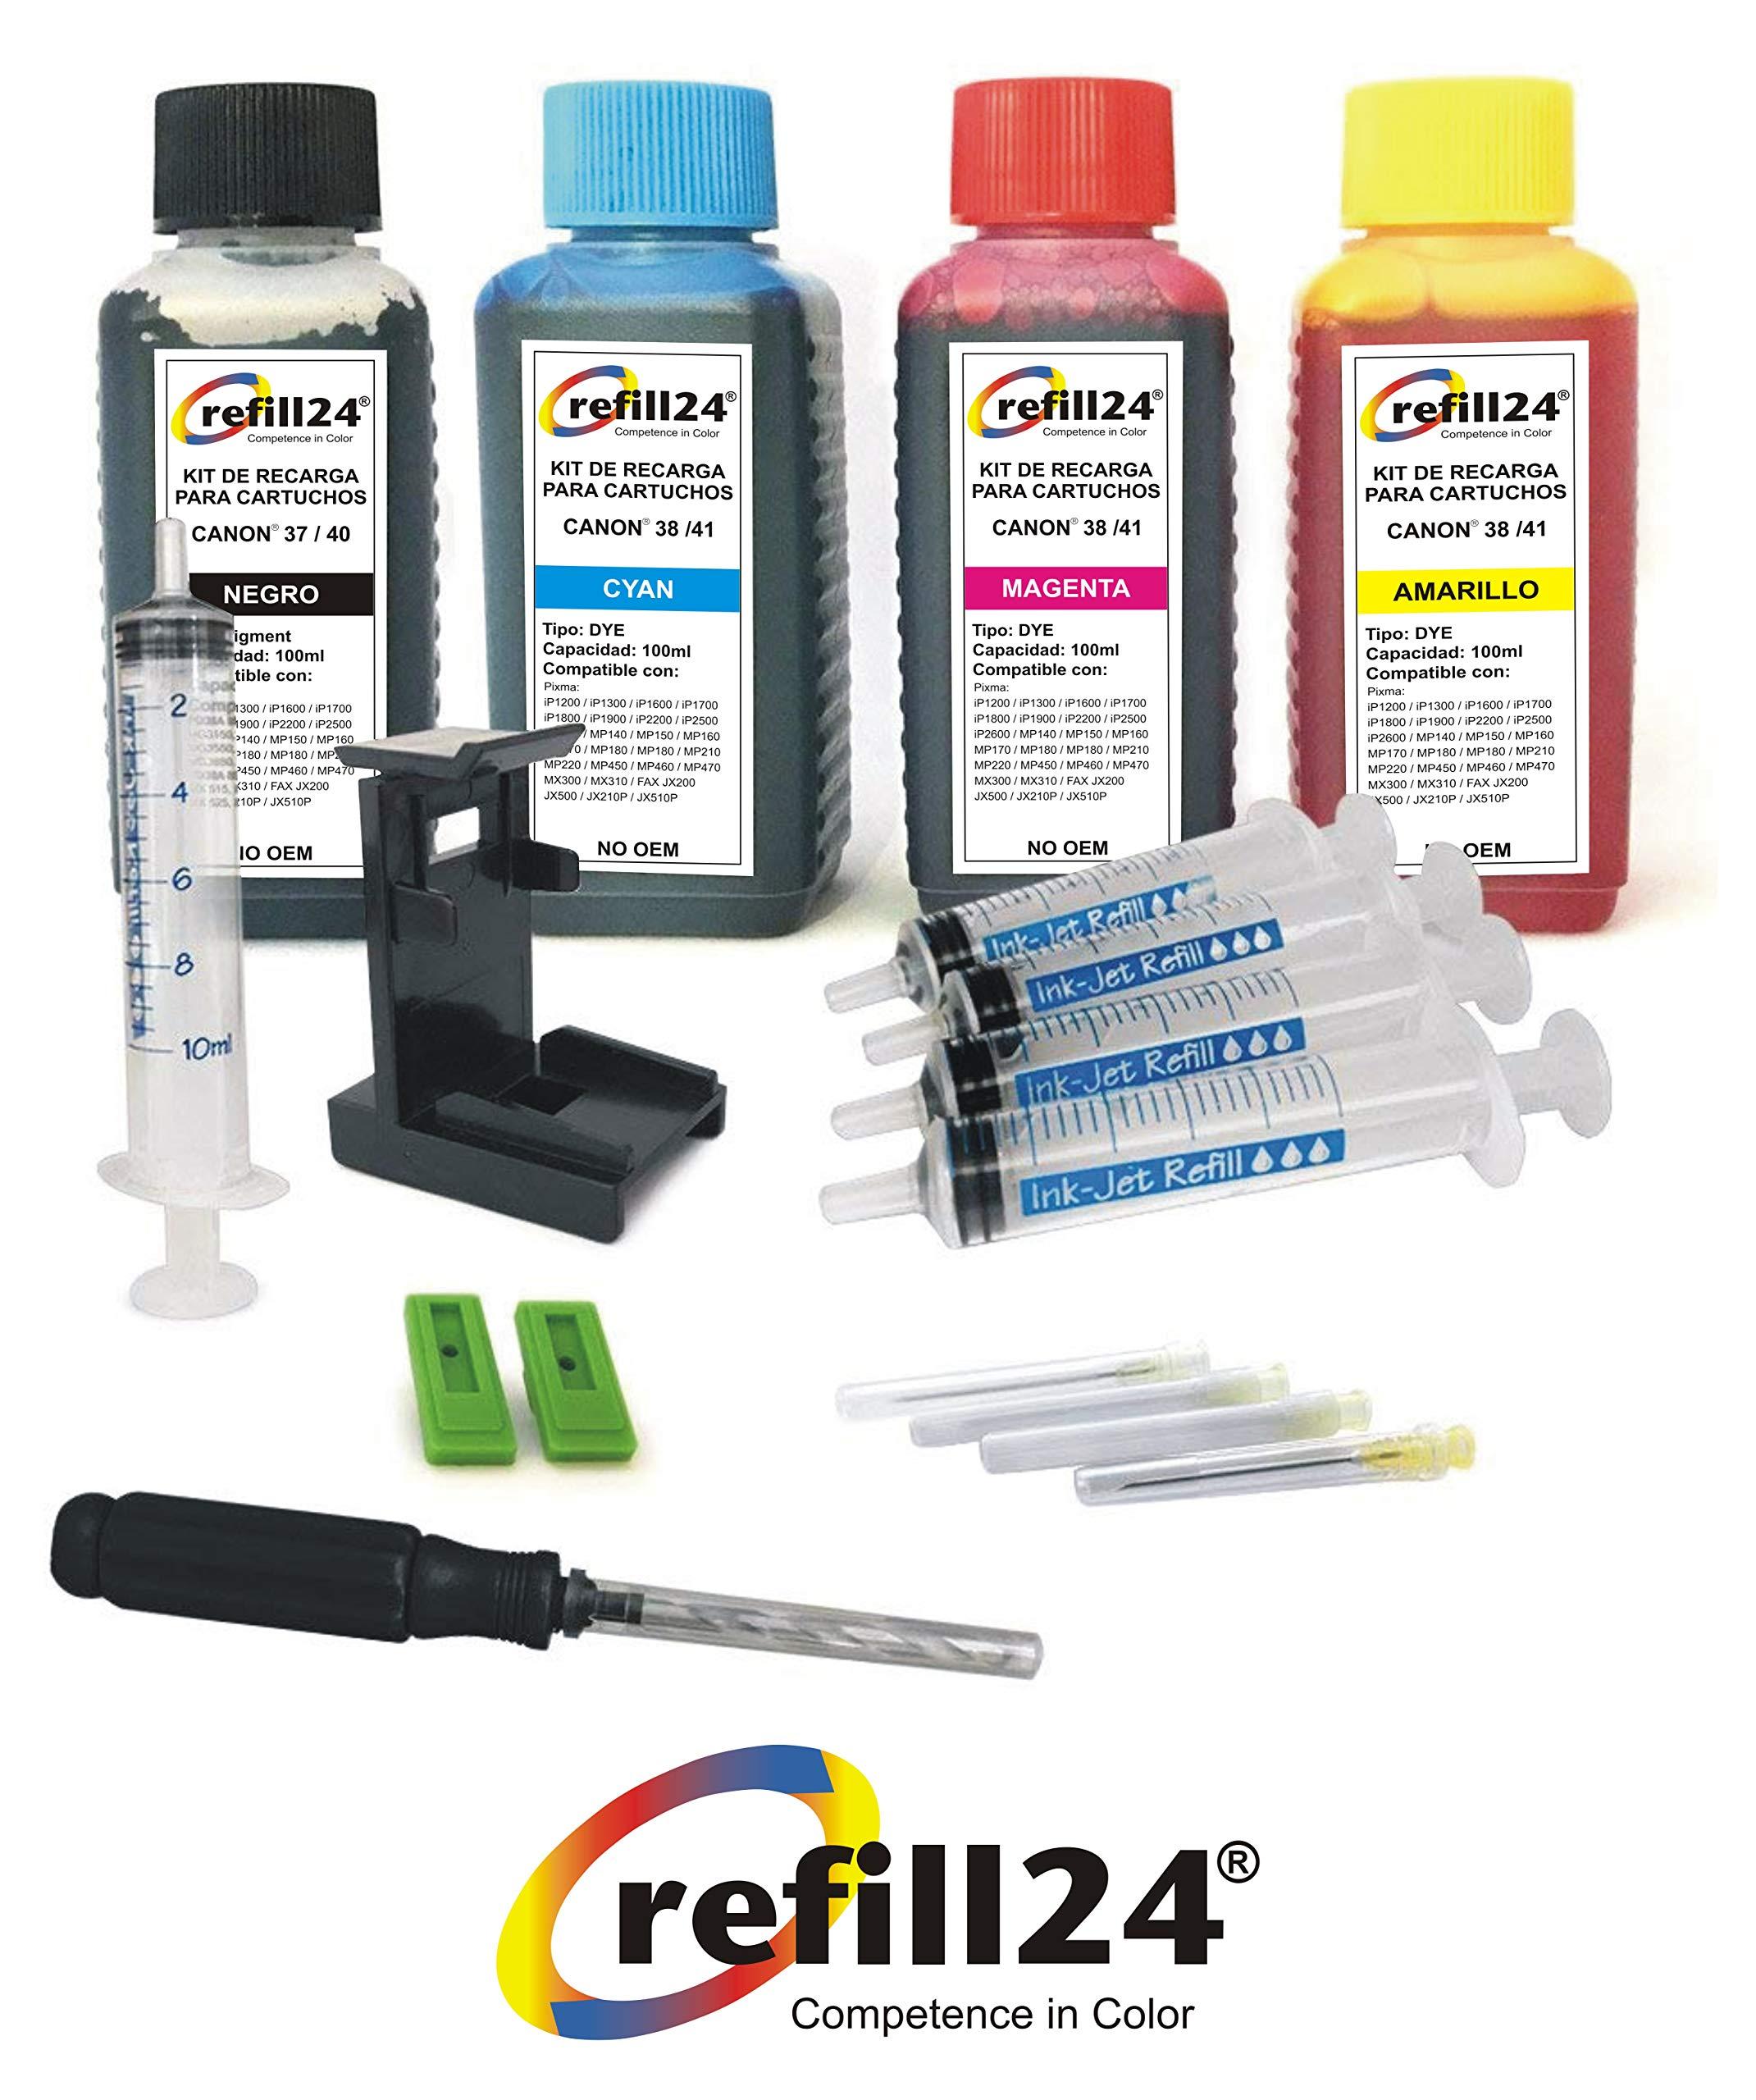 Kit de Recarga para Cartuchos de Tinta Canon 40, 41 Negro y Color, Incluye Clip y Accesorios + 400 ML Tinta: Amazon.es: Electrónica